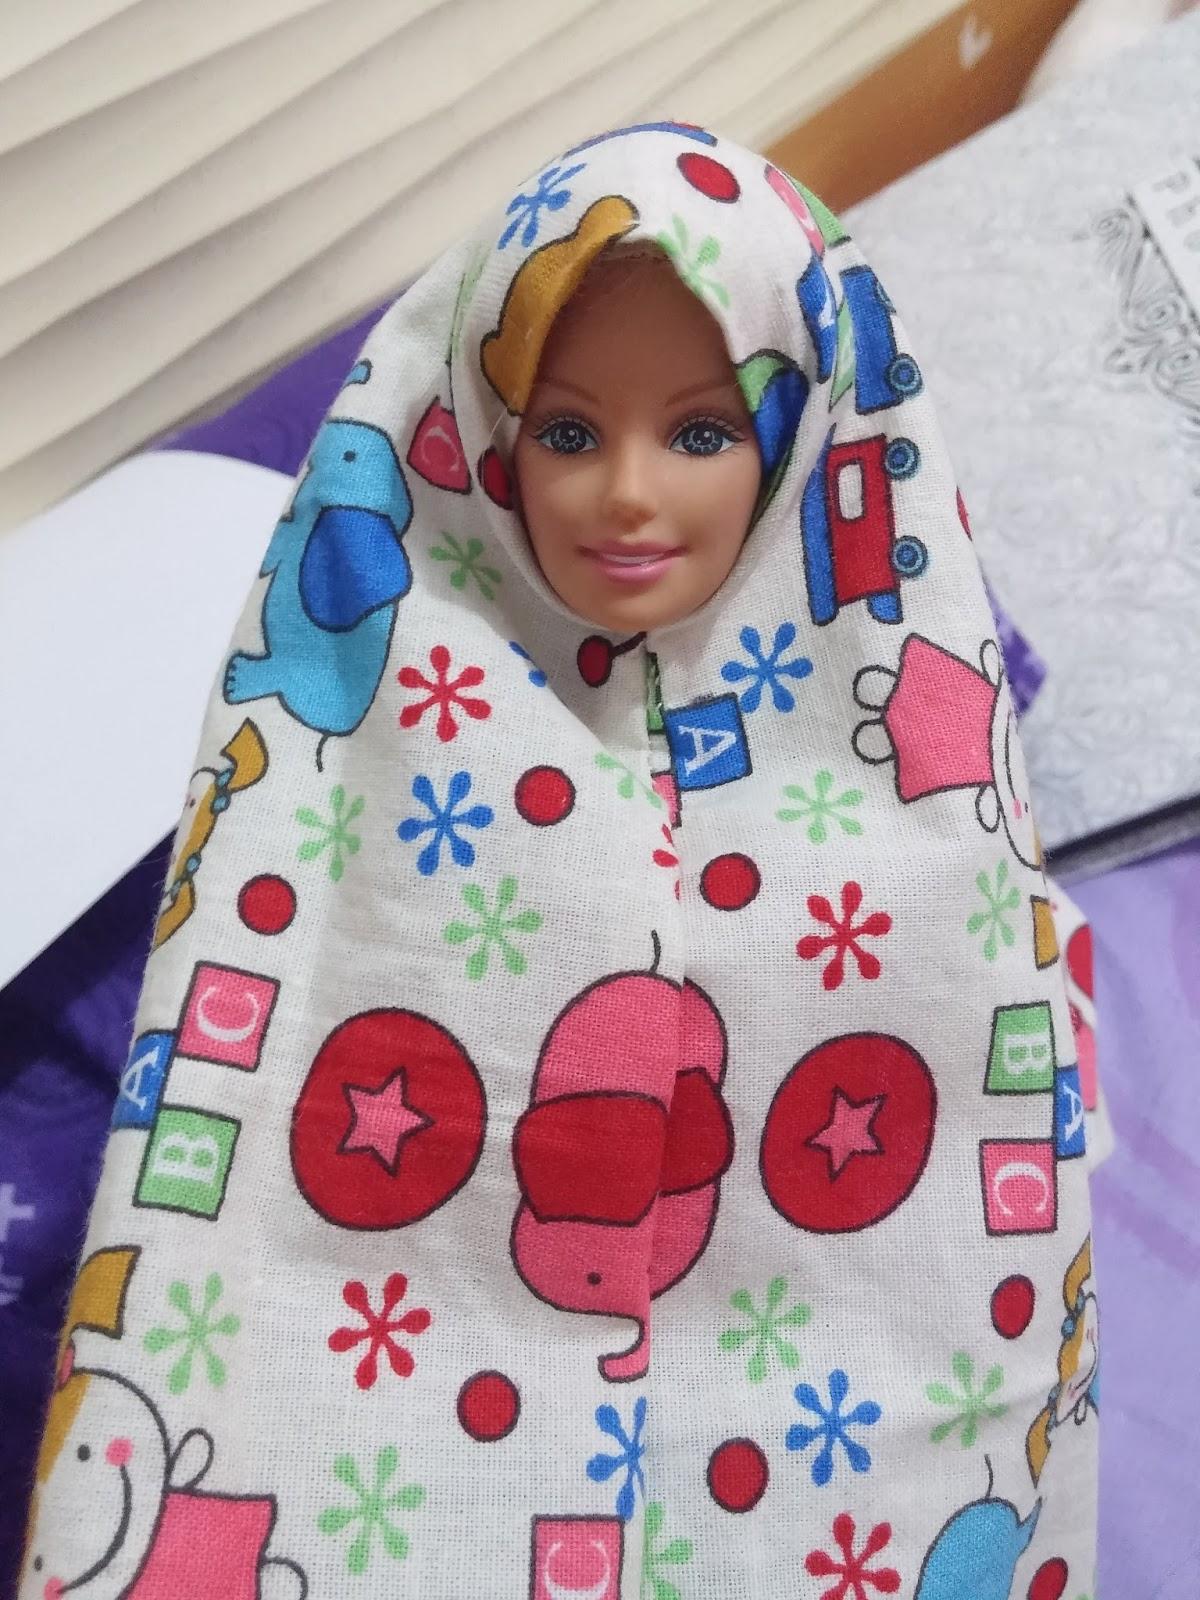 Membuat Pola Baju Barbie Ruang Belajar Siswa Kelas 2